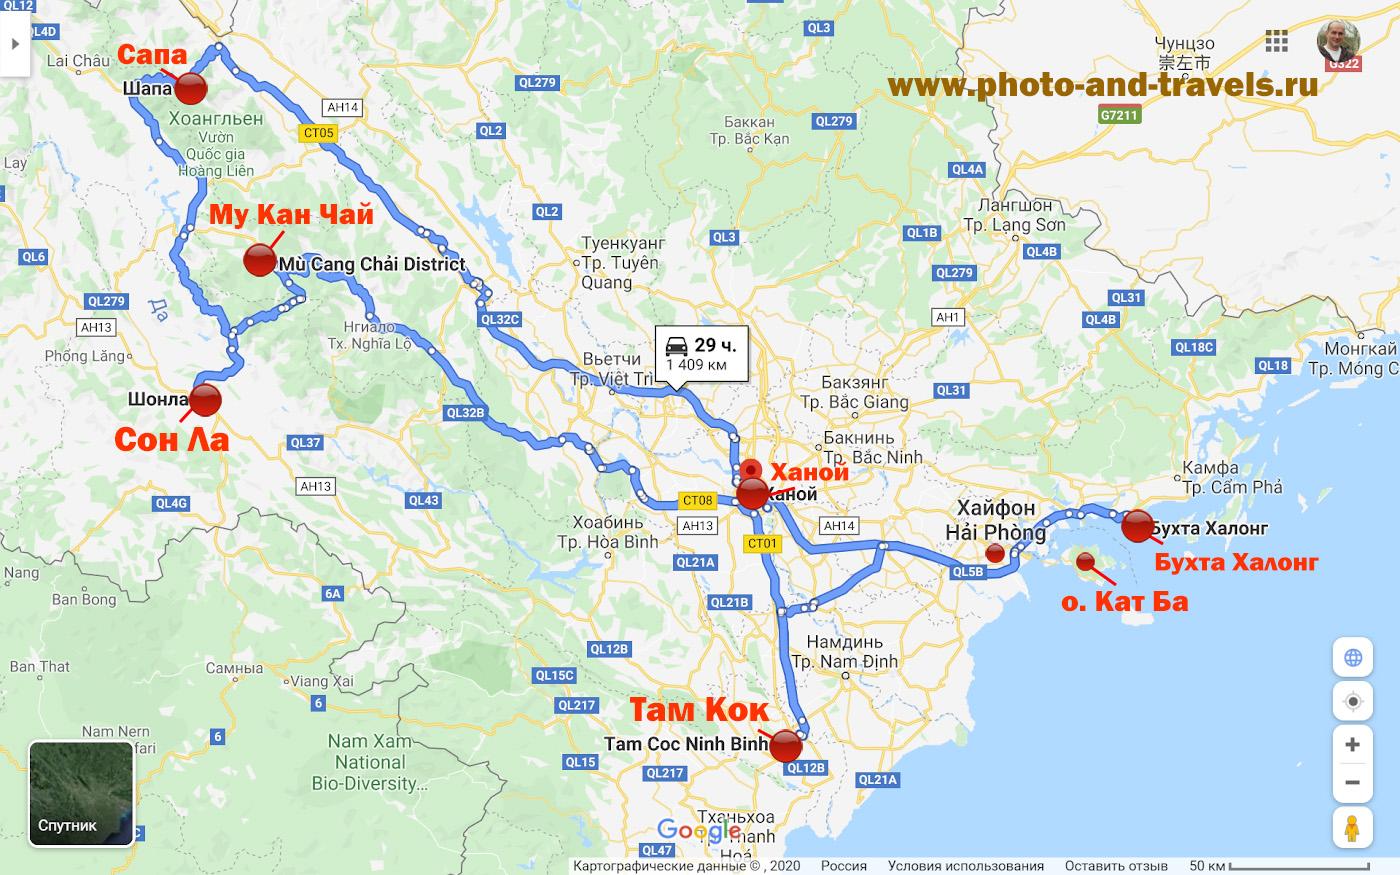 36. Карта маршрута самостоятельного путешествия по Вьетнаму.